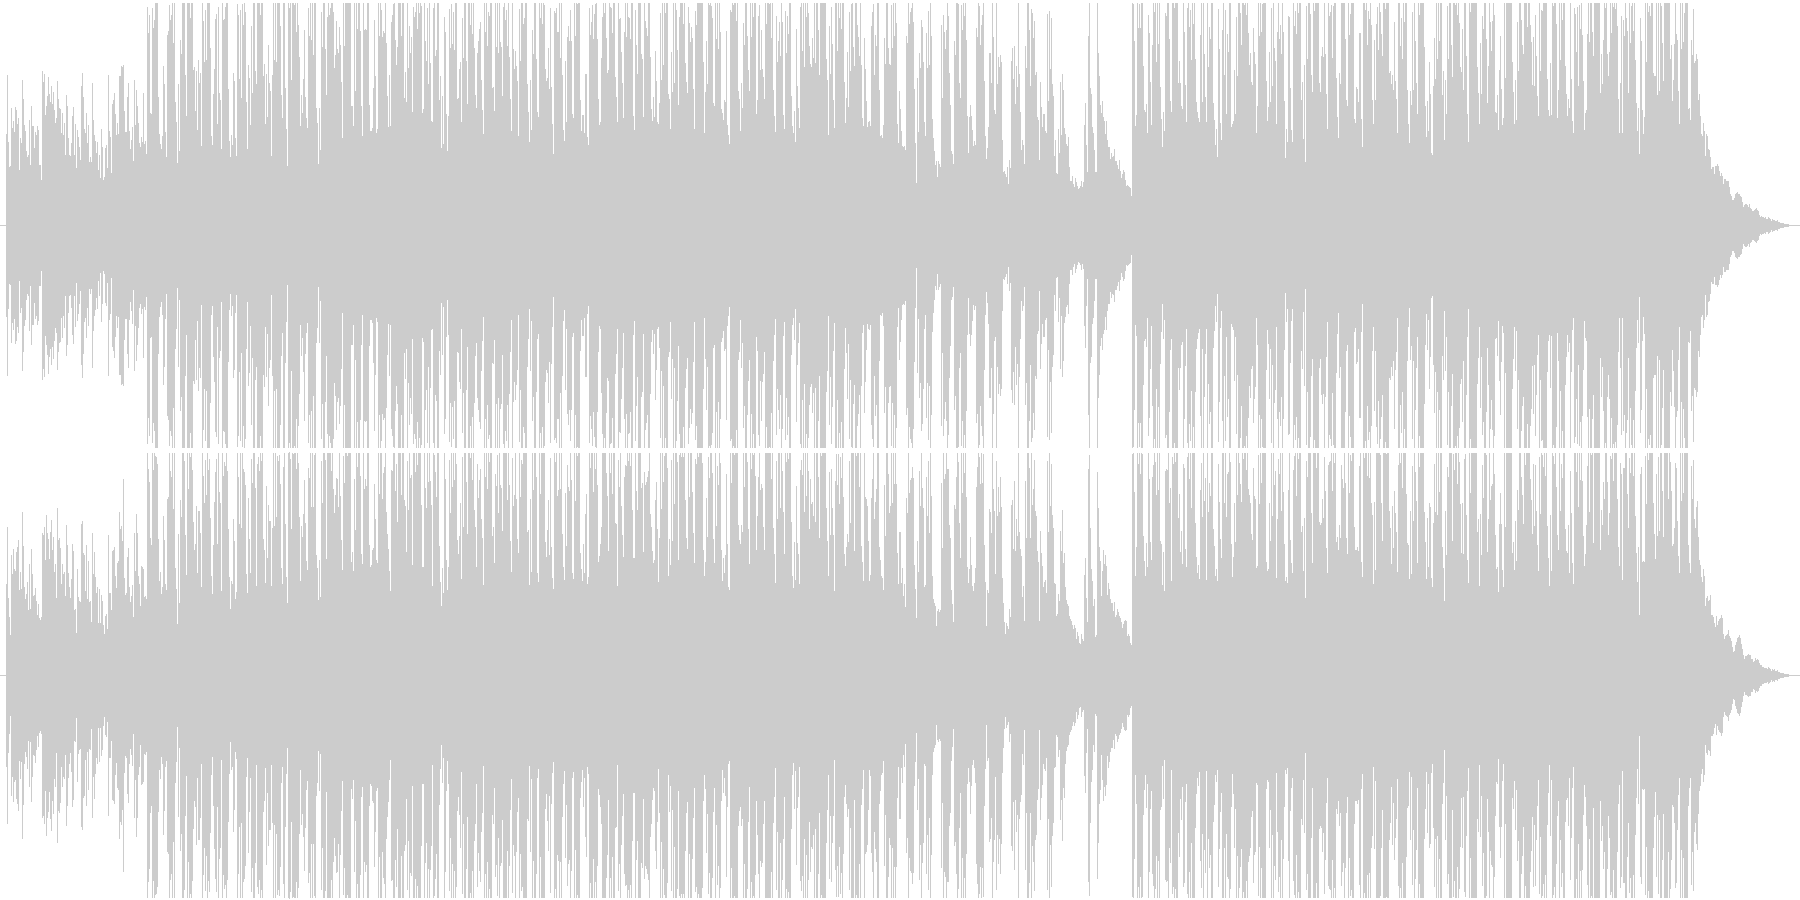 美しく優しいアコースティックサウンドの未再生の波形